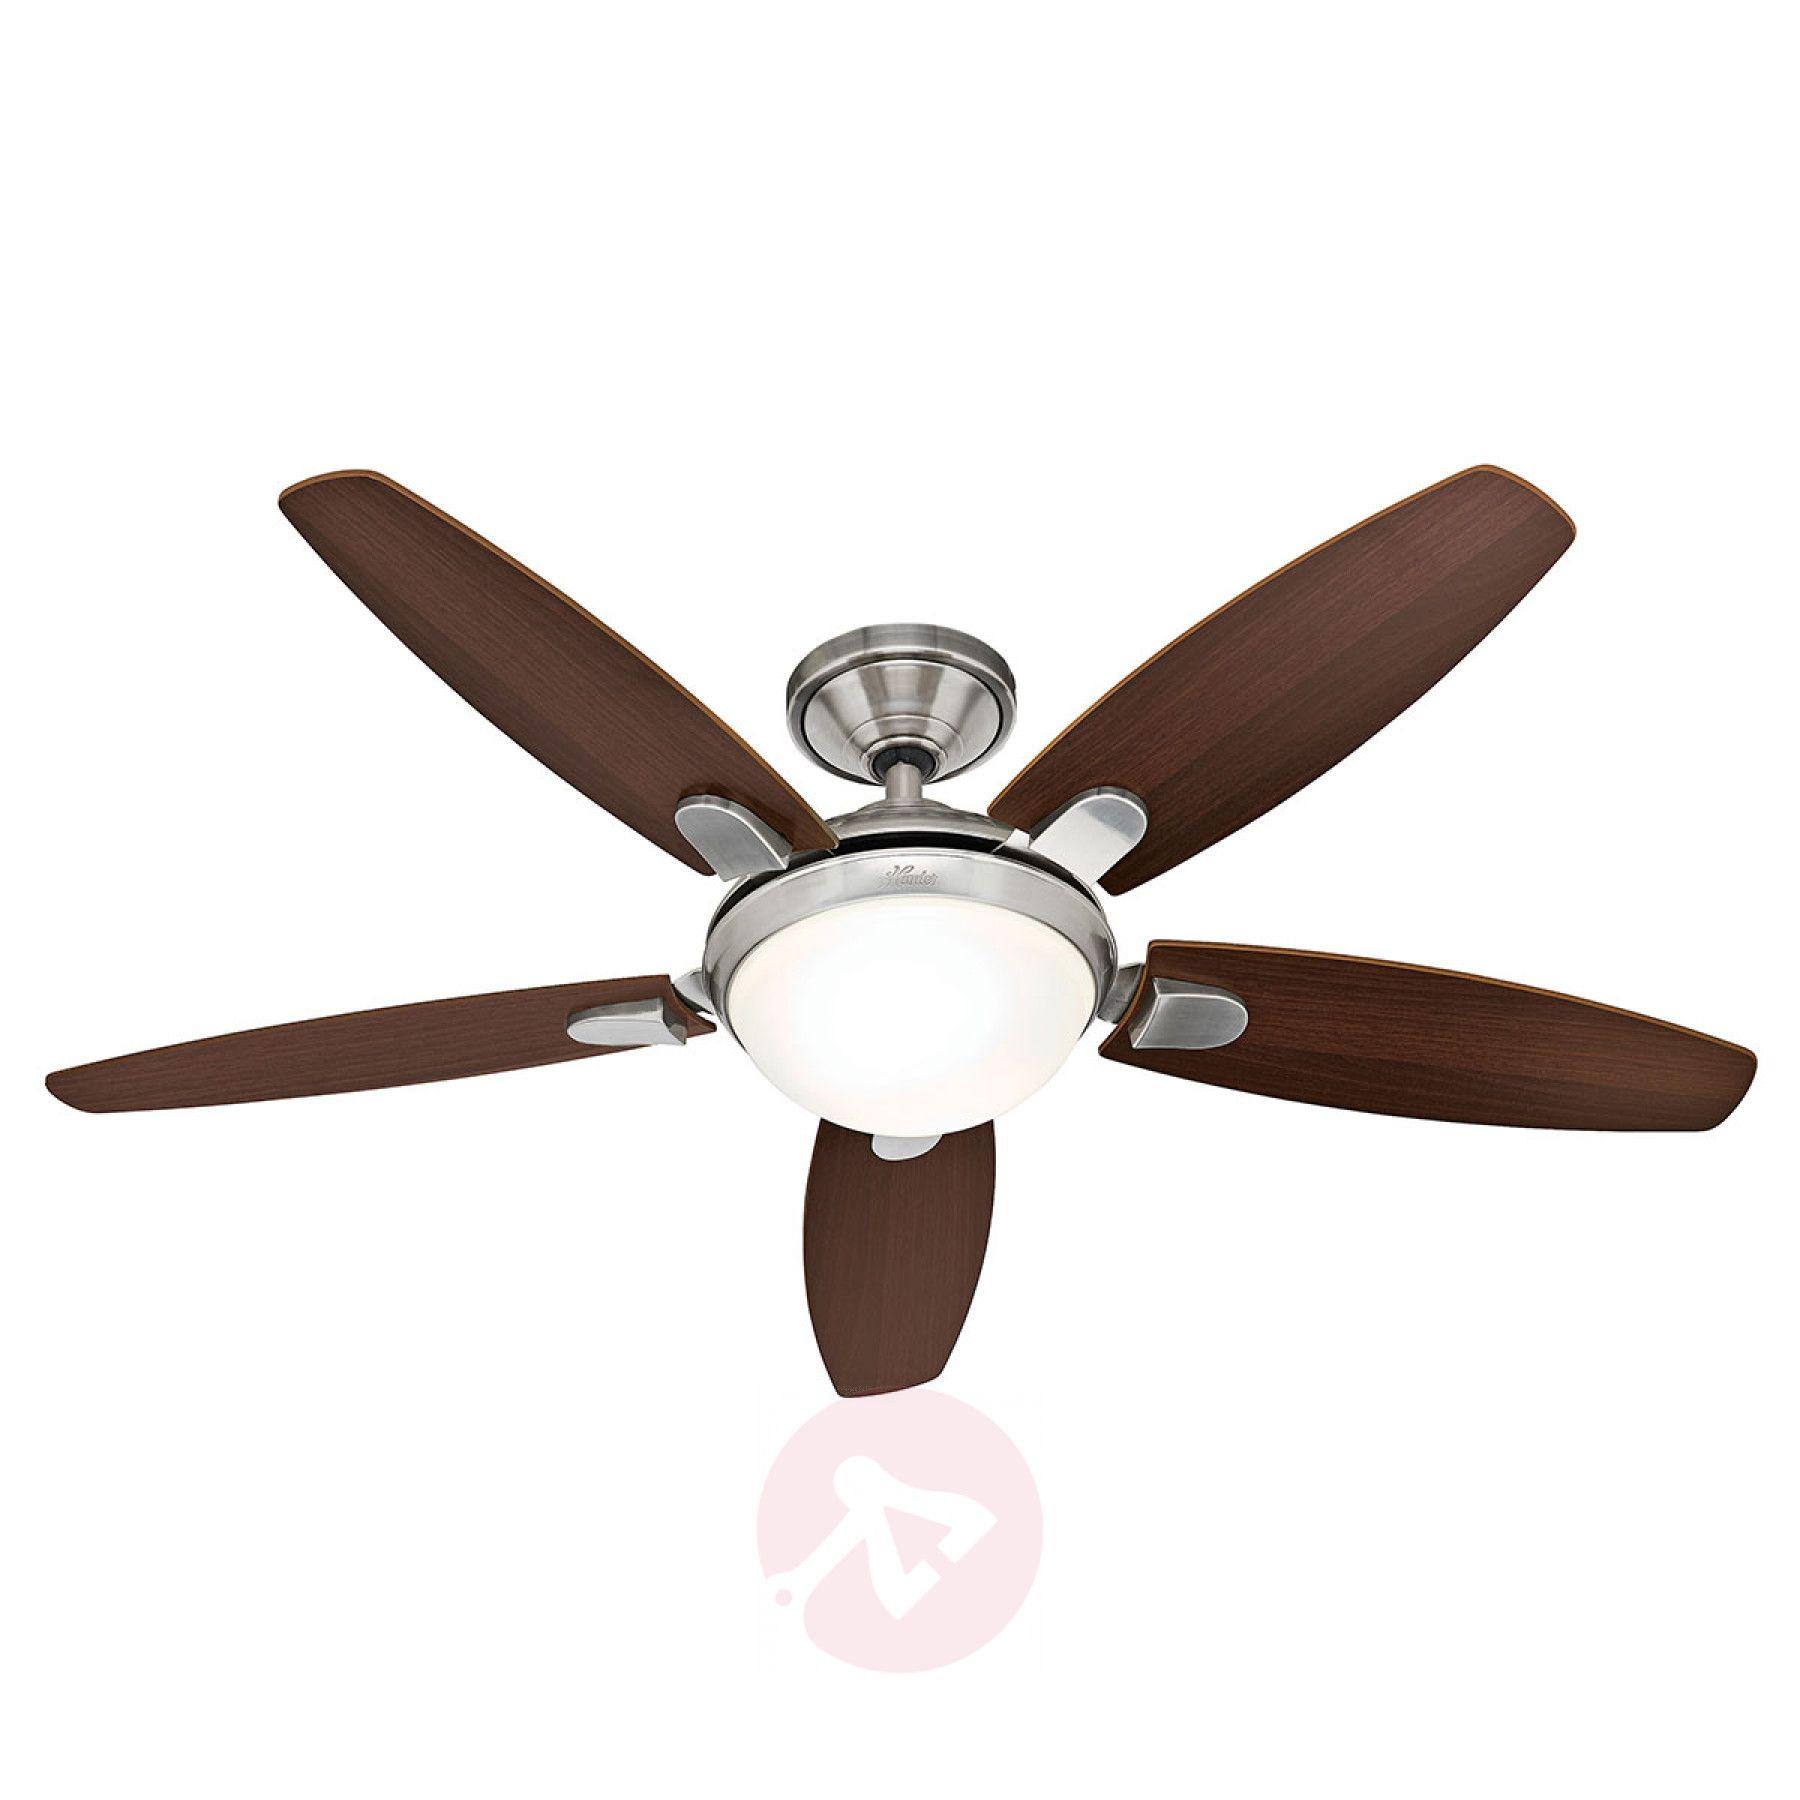 Https Cdn Lampenwelt Ch Image 1800x Hunter Contempo Ventilator Leuchte Walnuss Kirsch 4545045 31 Jpg In 2020 Ceiling Fan Brushed Nickel Ceiling Fan Fan Light